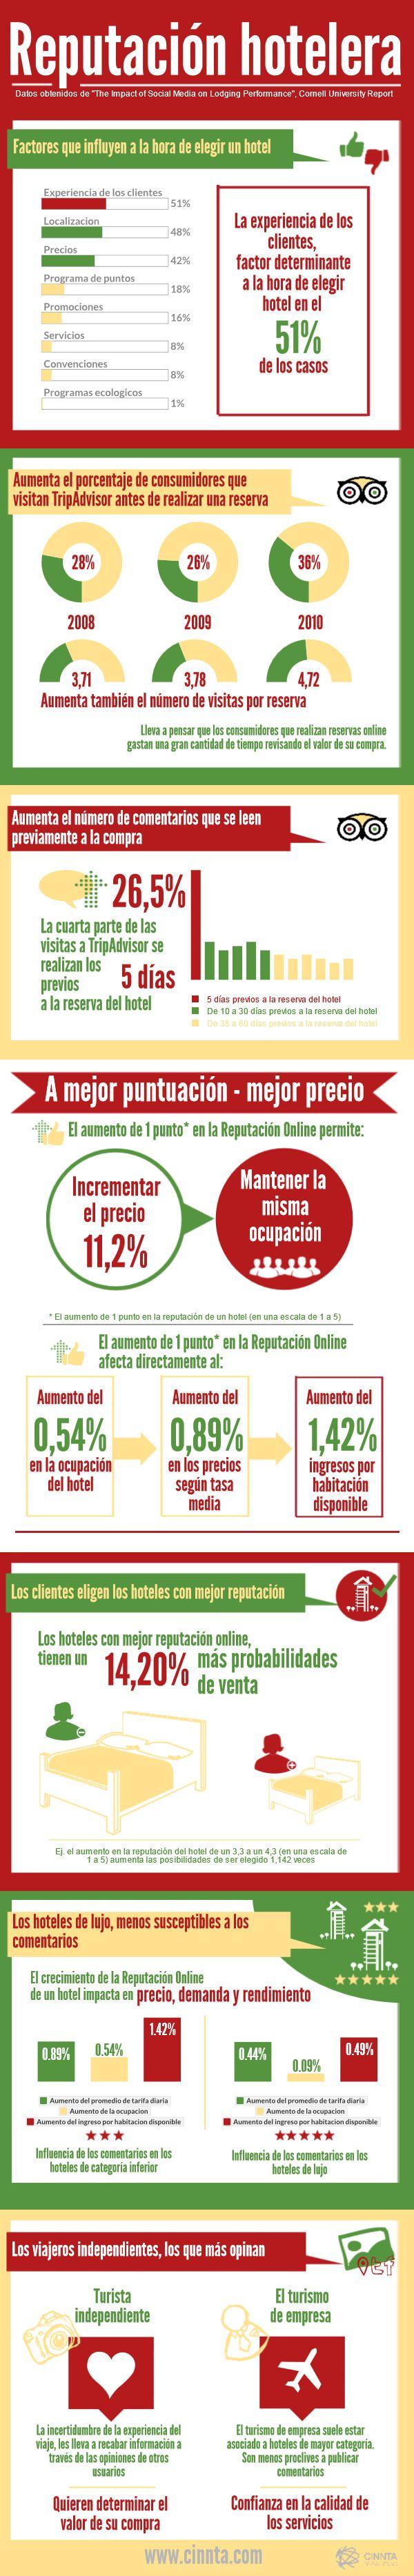 #Infografía: Reputación hotelera